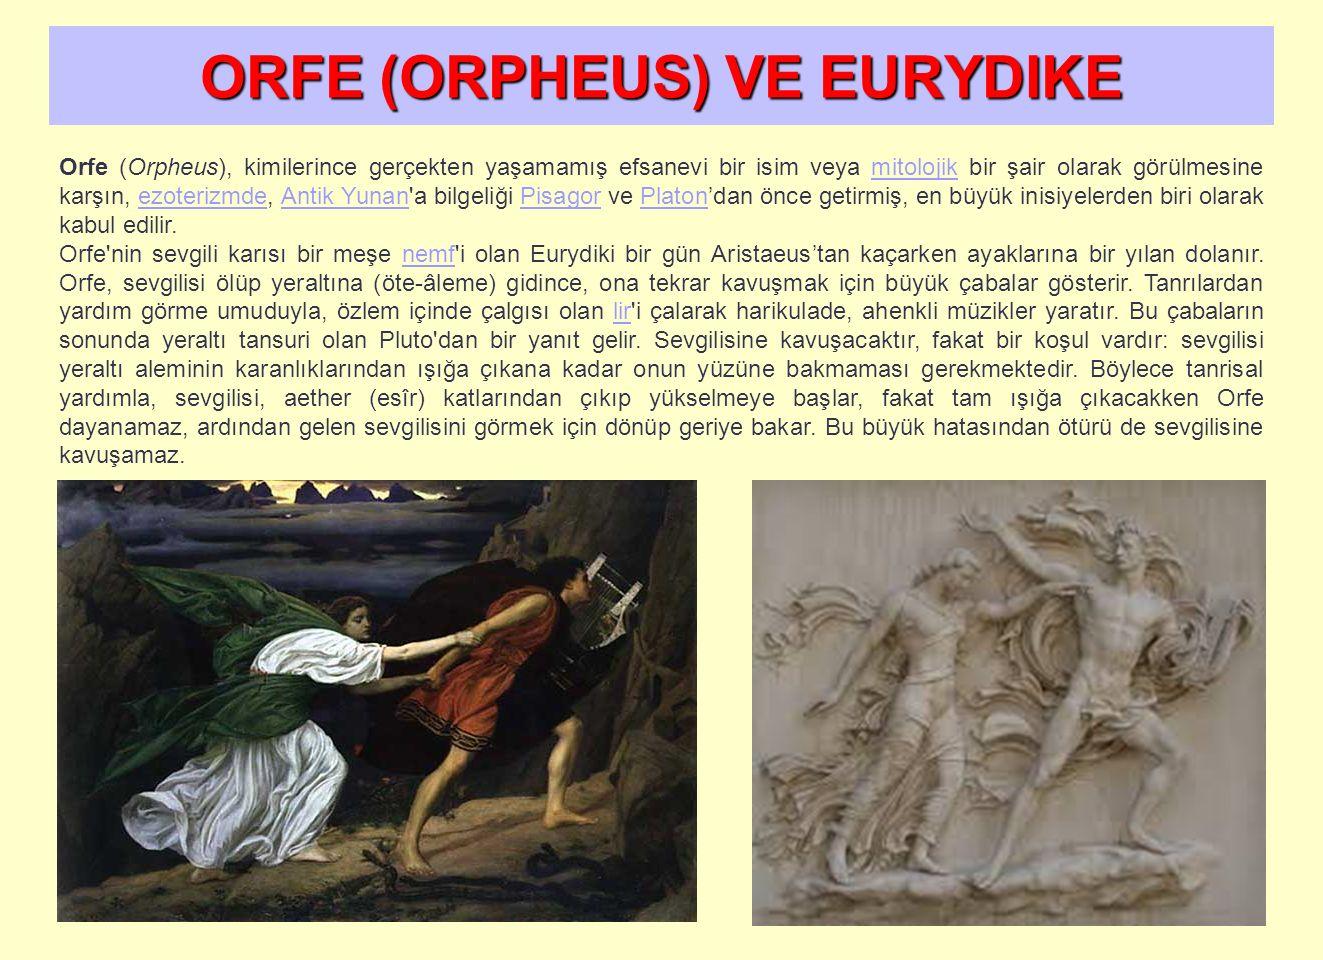 ORFE (ORPHEUS) VE EURYDIKE